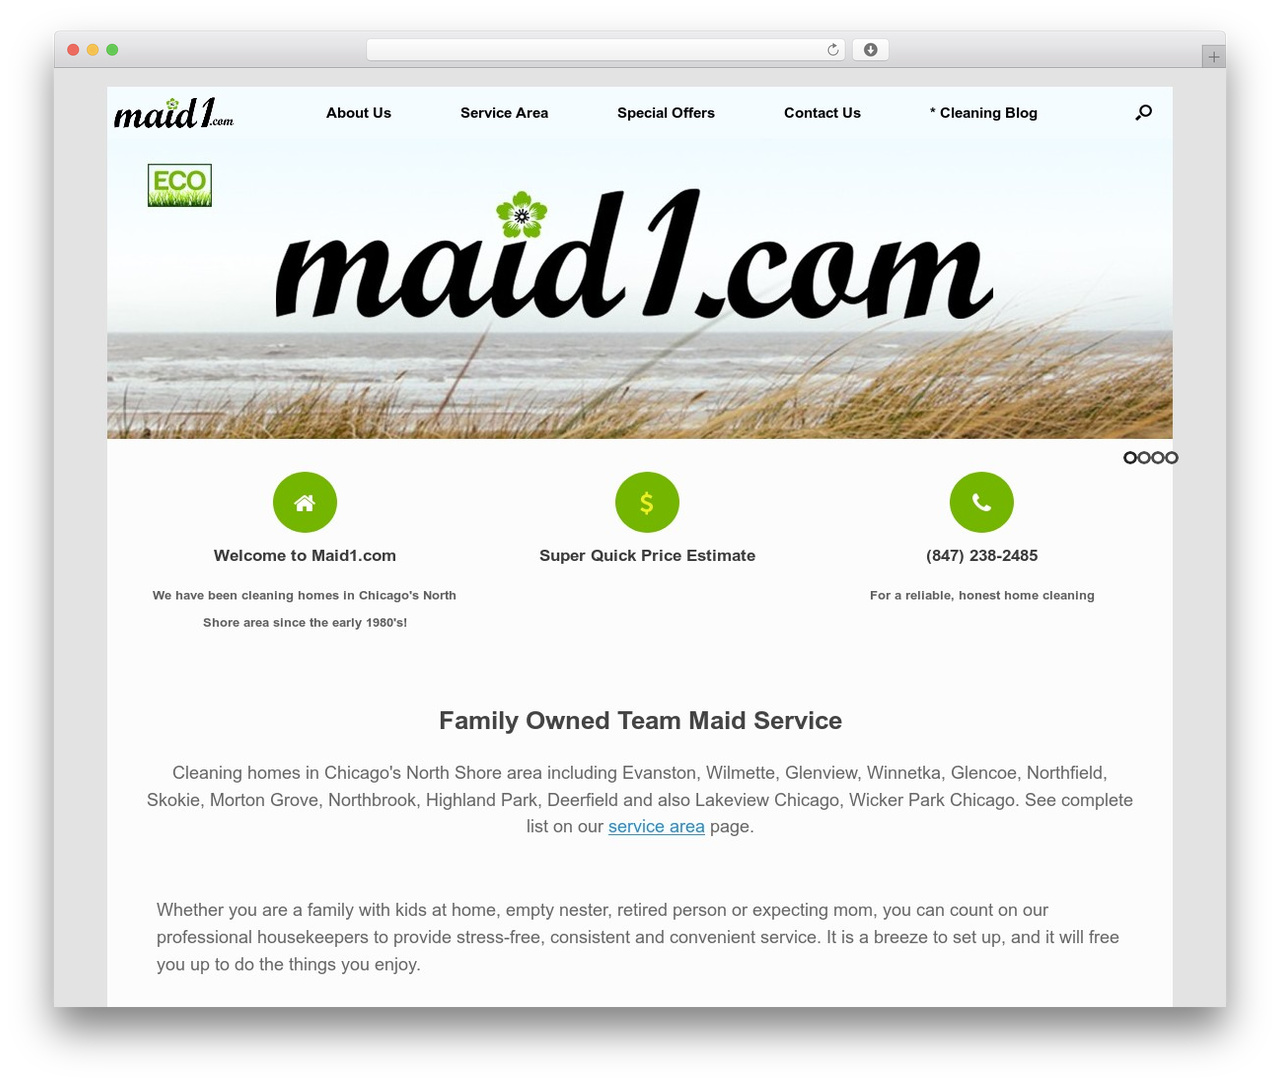 Vantage Premium premium WordPress theme - maid1.com